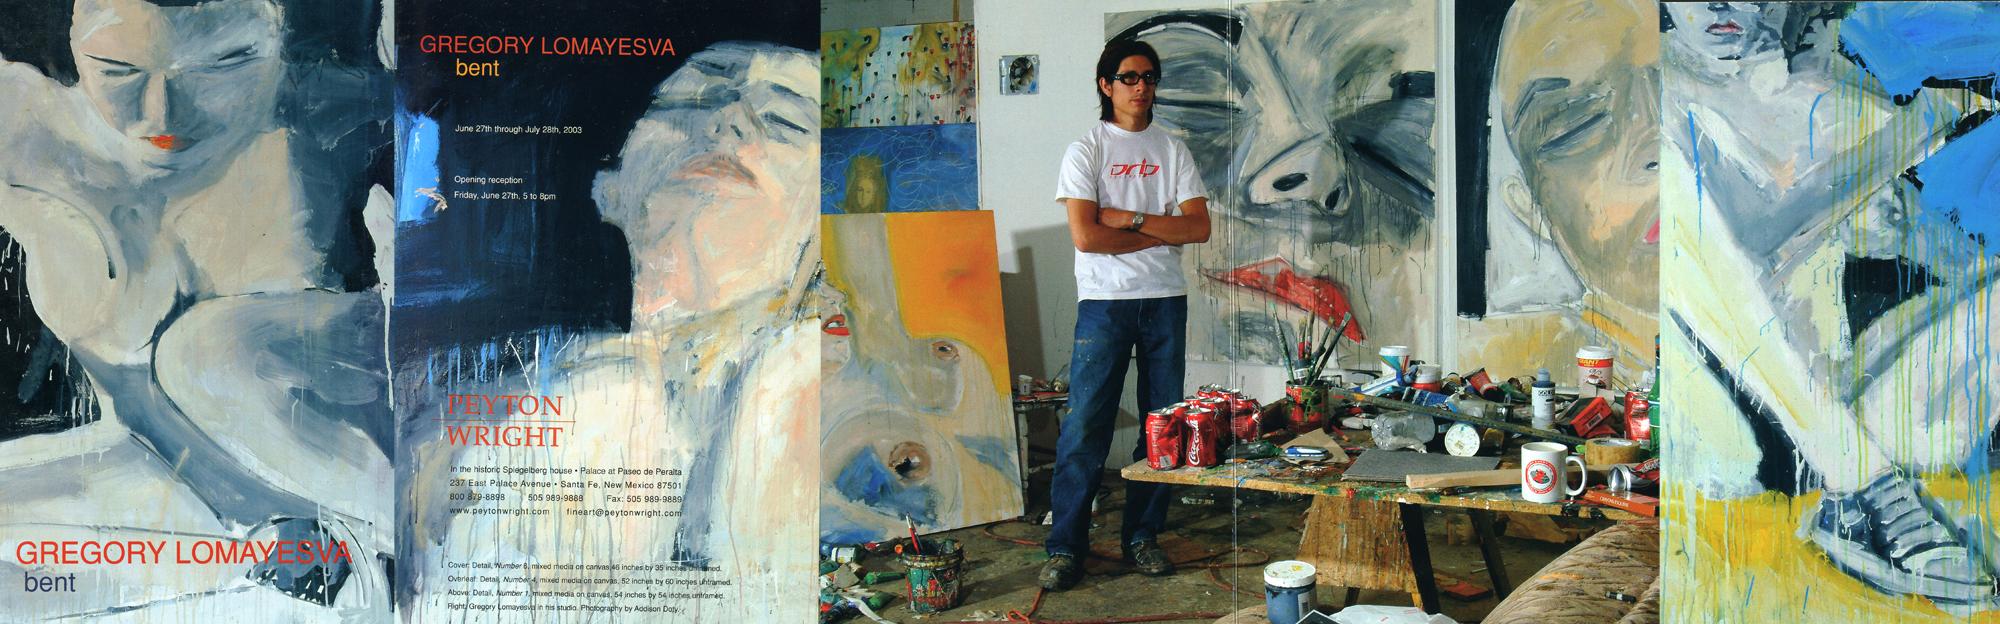 peyton-2003-BENT.jpg